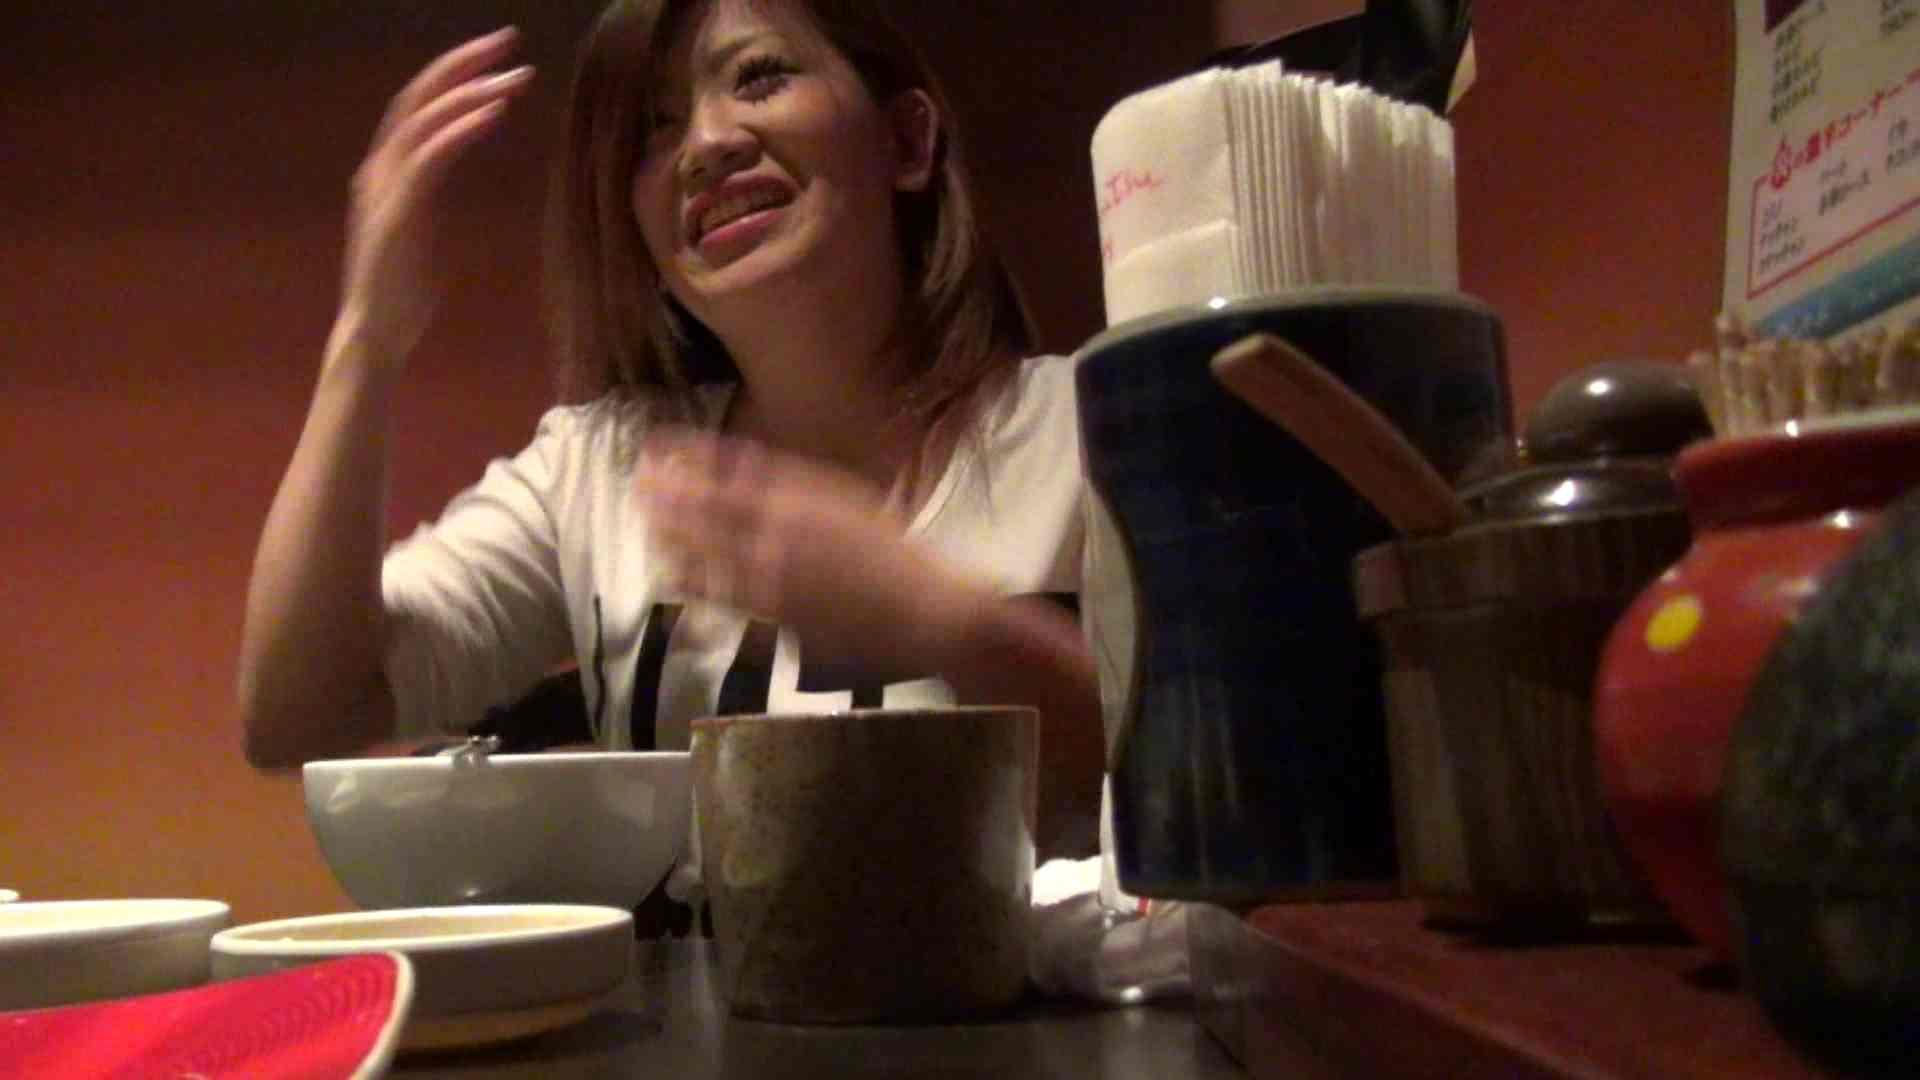 ハメ撮り|【出会い01】大助さんMちゃんと食事会|大奥